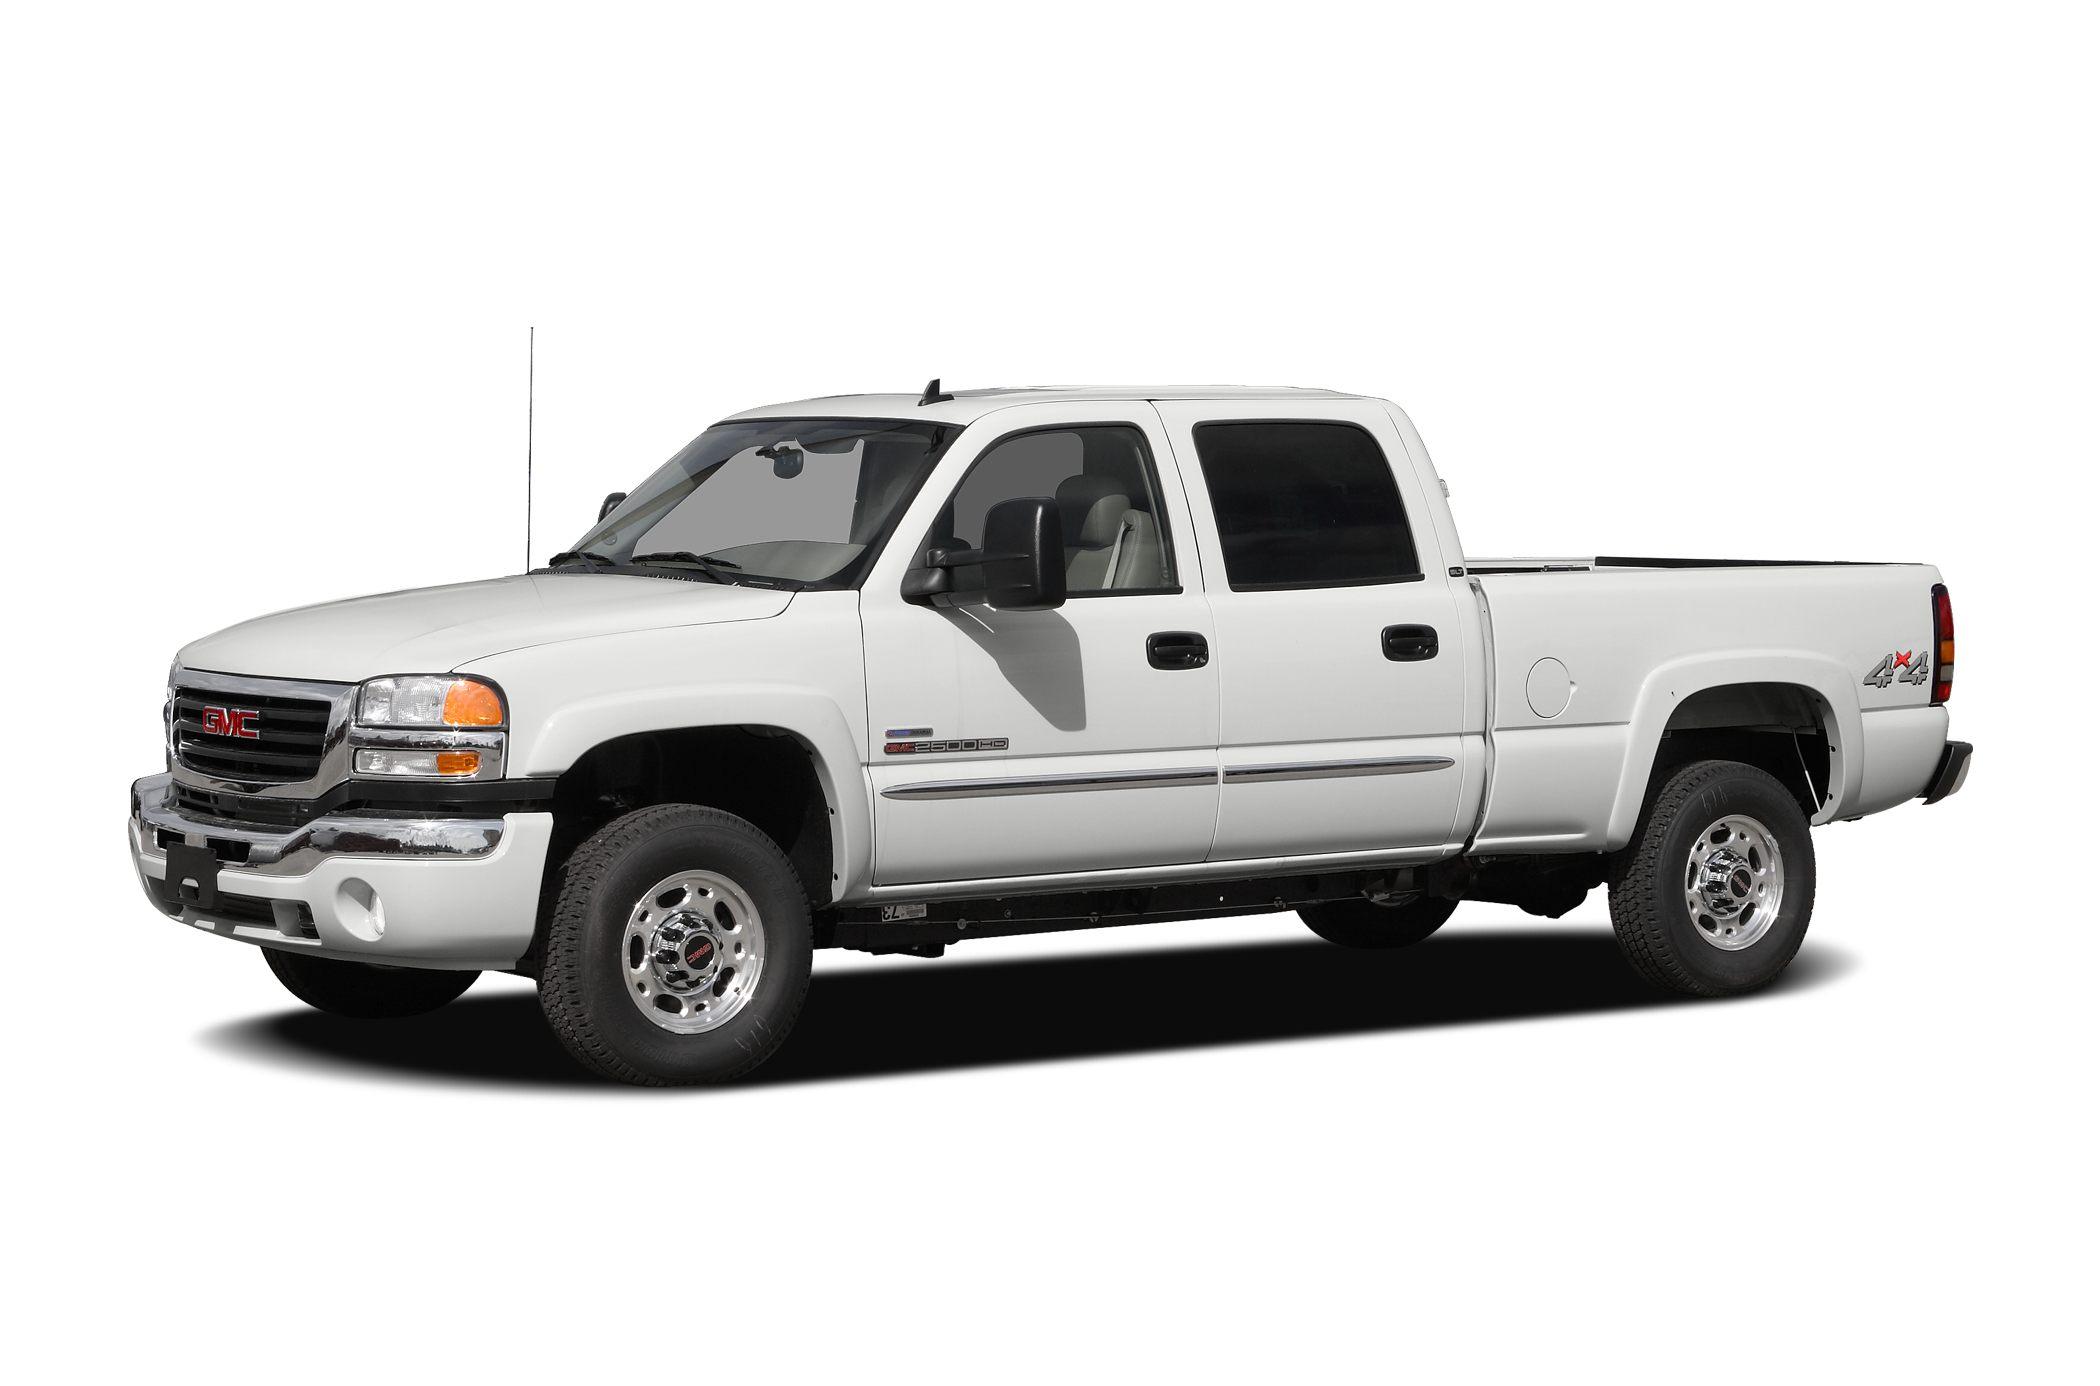 2007 GMC Sierra 2500HD  Miles 111178Color Tan Stock 17SU75A VIN 1GTHK23D97F105358